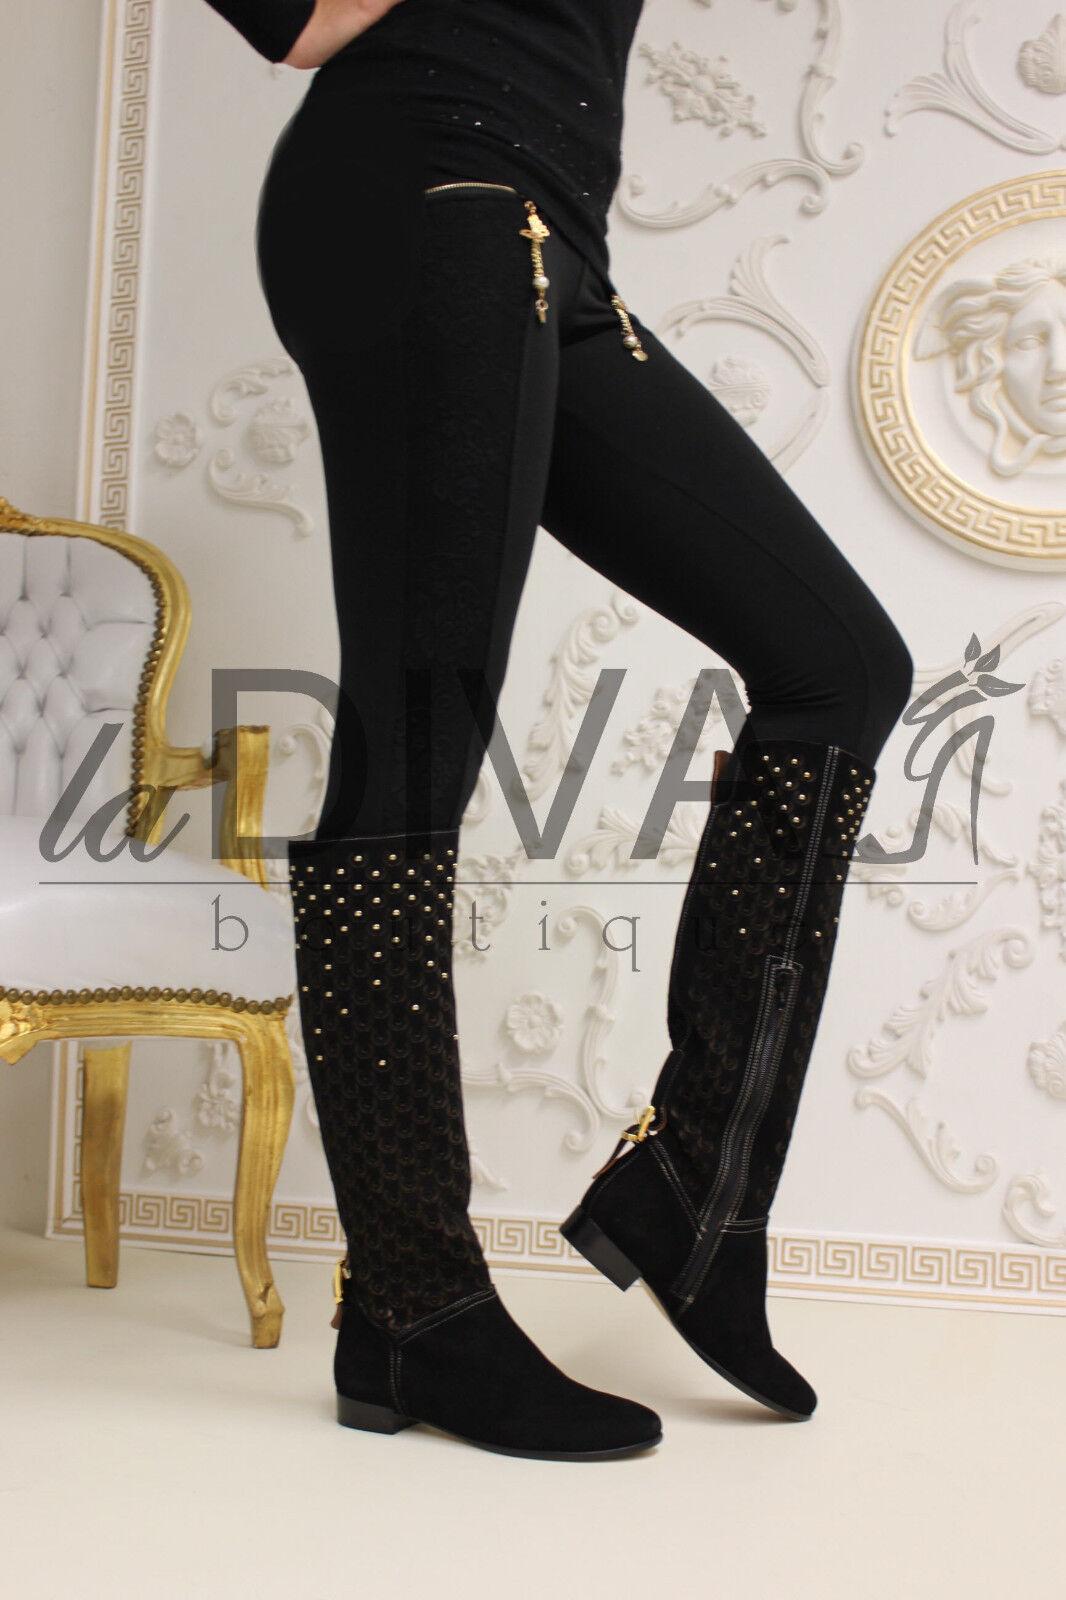 Napoleoni   Designer botas de gamuza 40 negro negro negro tachuelas láser cut cuero  disfrutando de sus compras